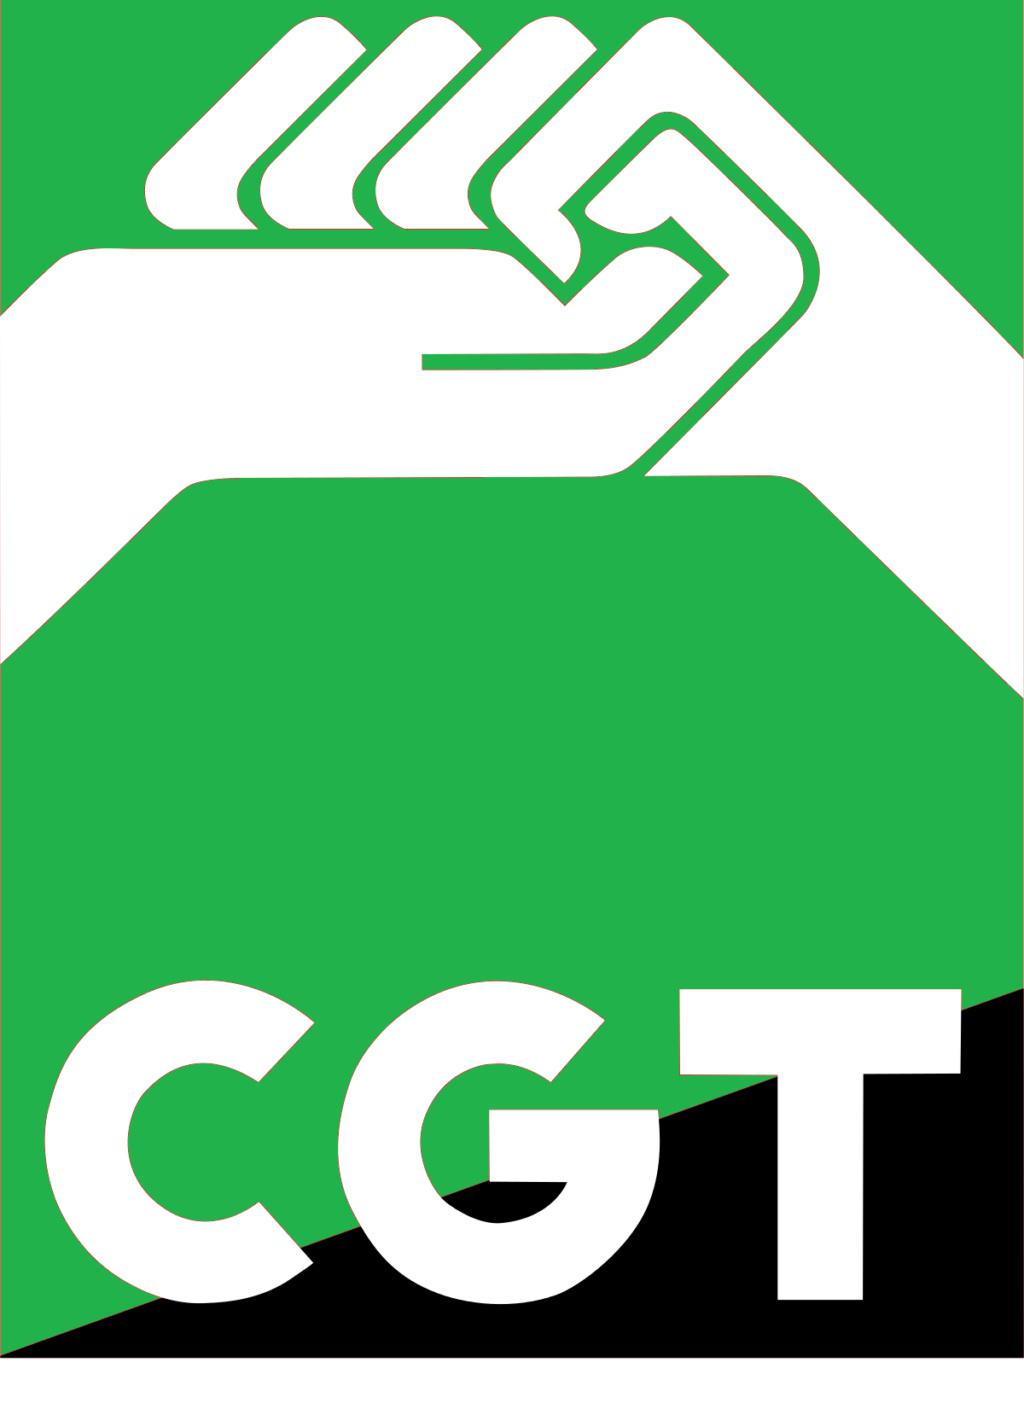 Le CGT : Comité des Gobelins Talentueux Cgt-e_10